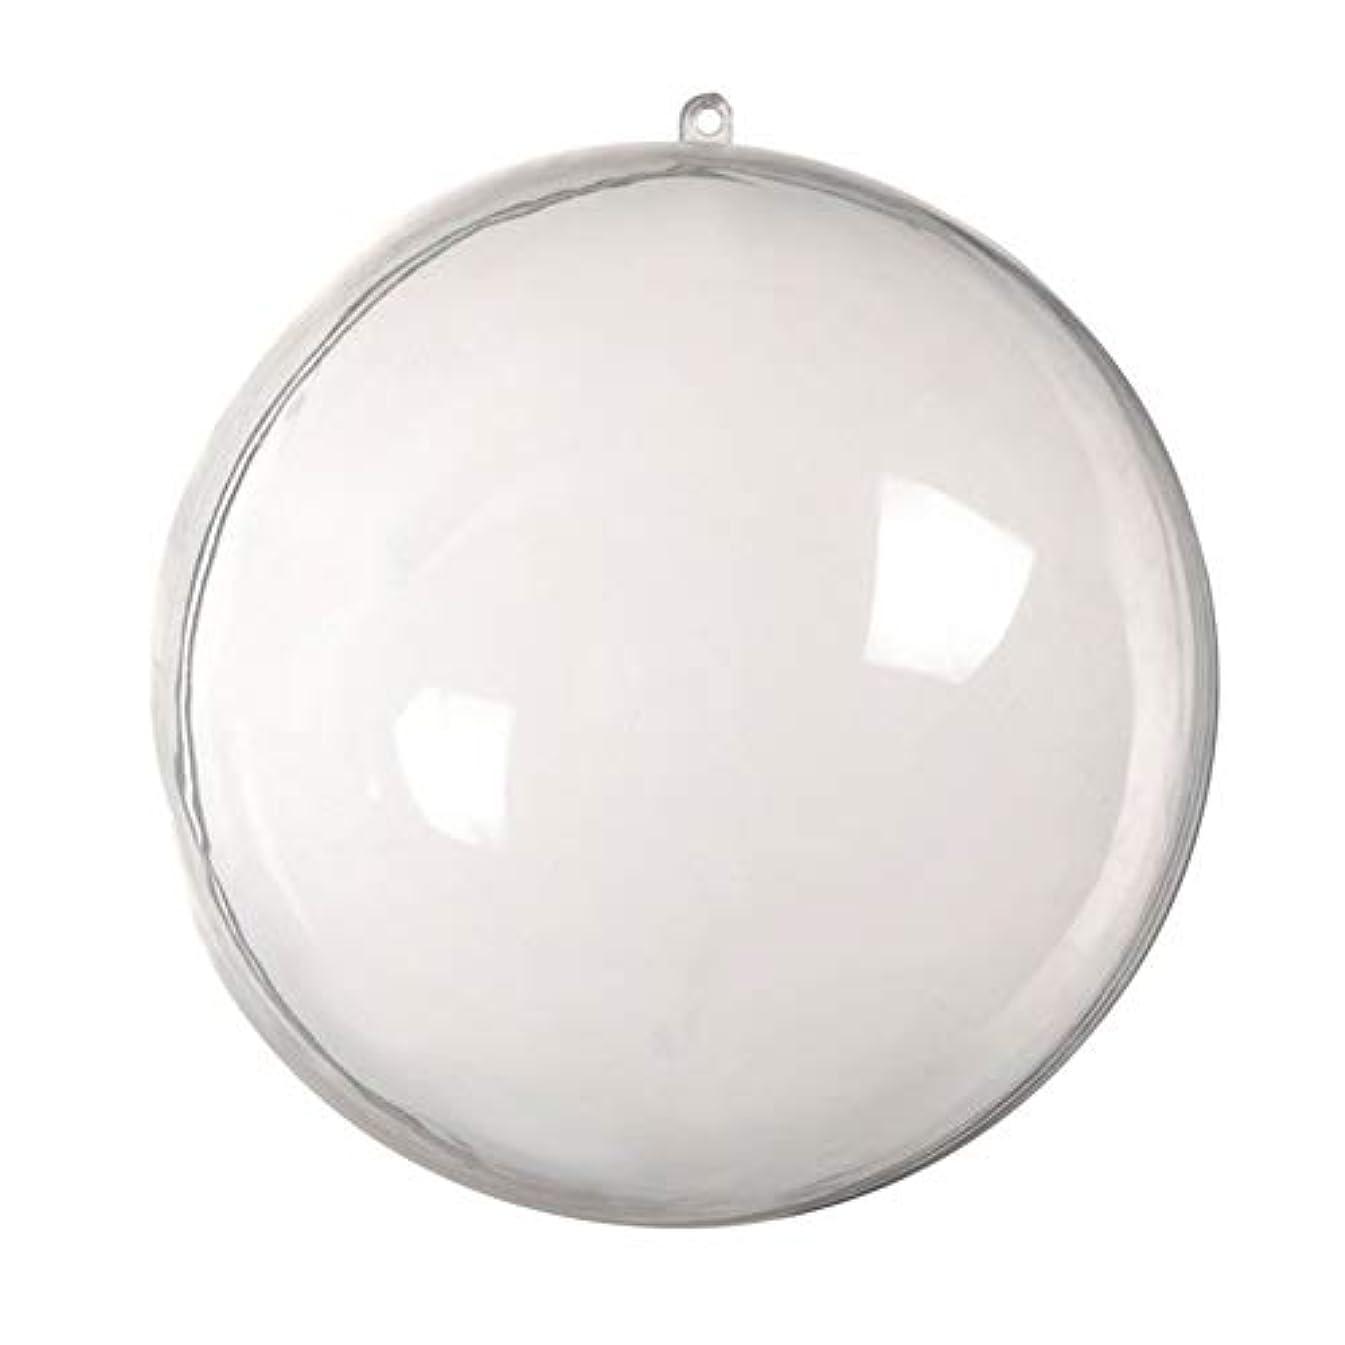 急ぐ経済テクトニックアリガドクリアプラスチッククリスマスボール、クリア透明ボール、球充填クリスマスツリー飾りDIYクラフトつまらない飾り(5個)